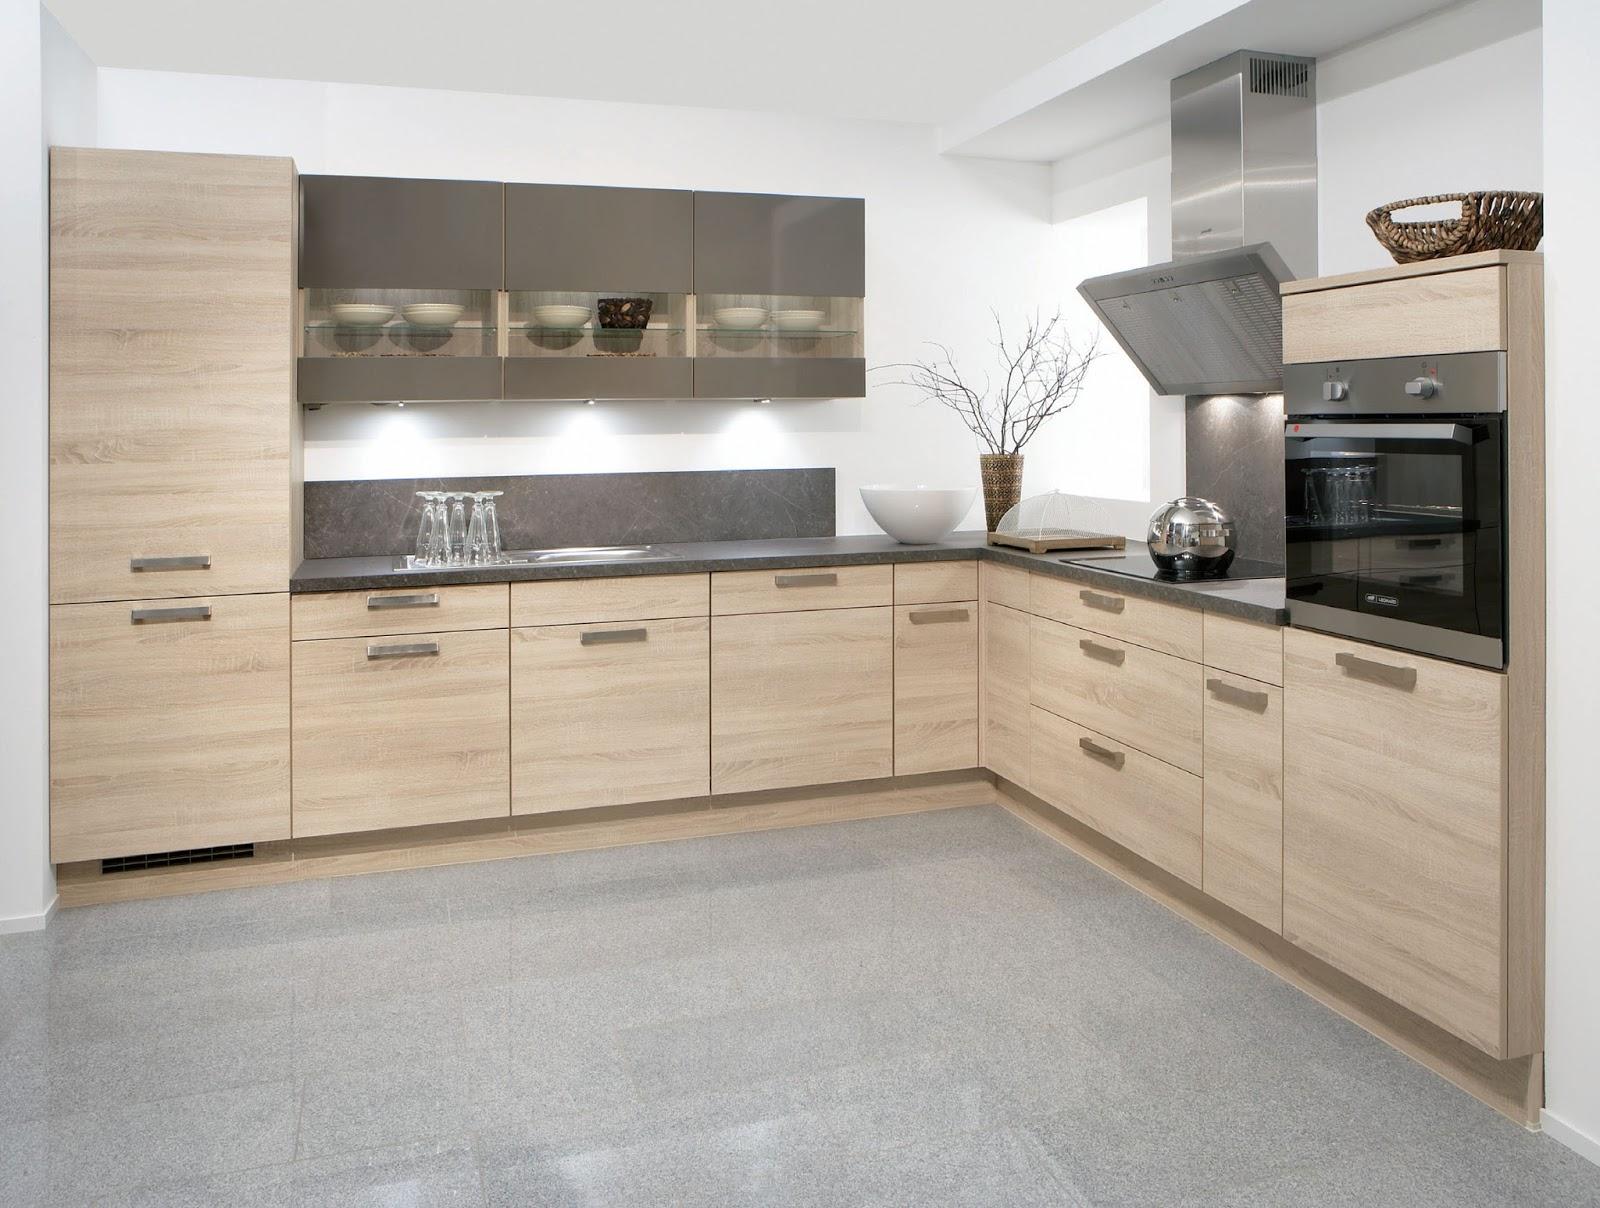 Cocinas a medida cocinas zaragoza baratas another home - Cocinas a medida ...